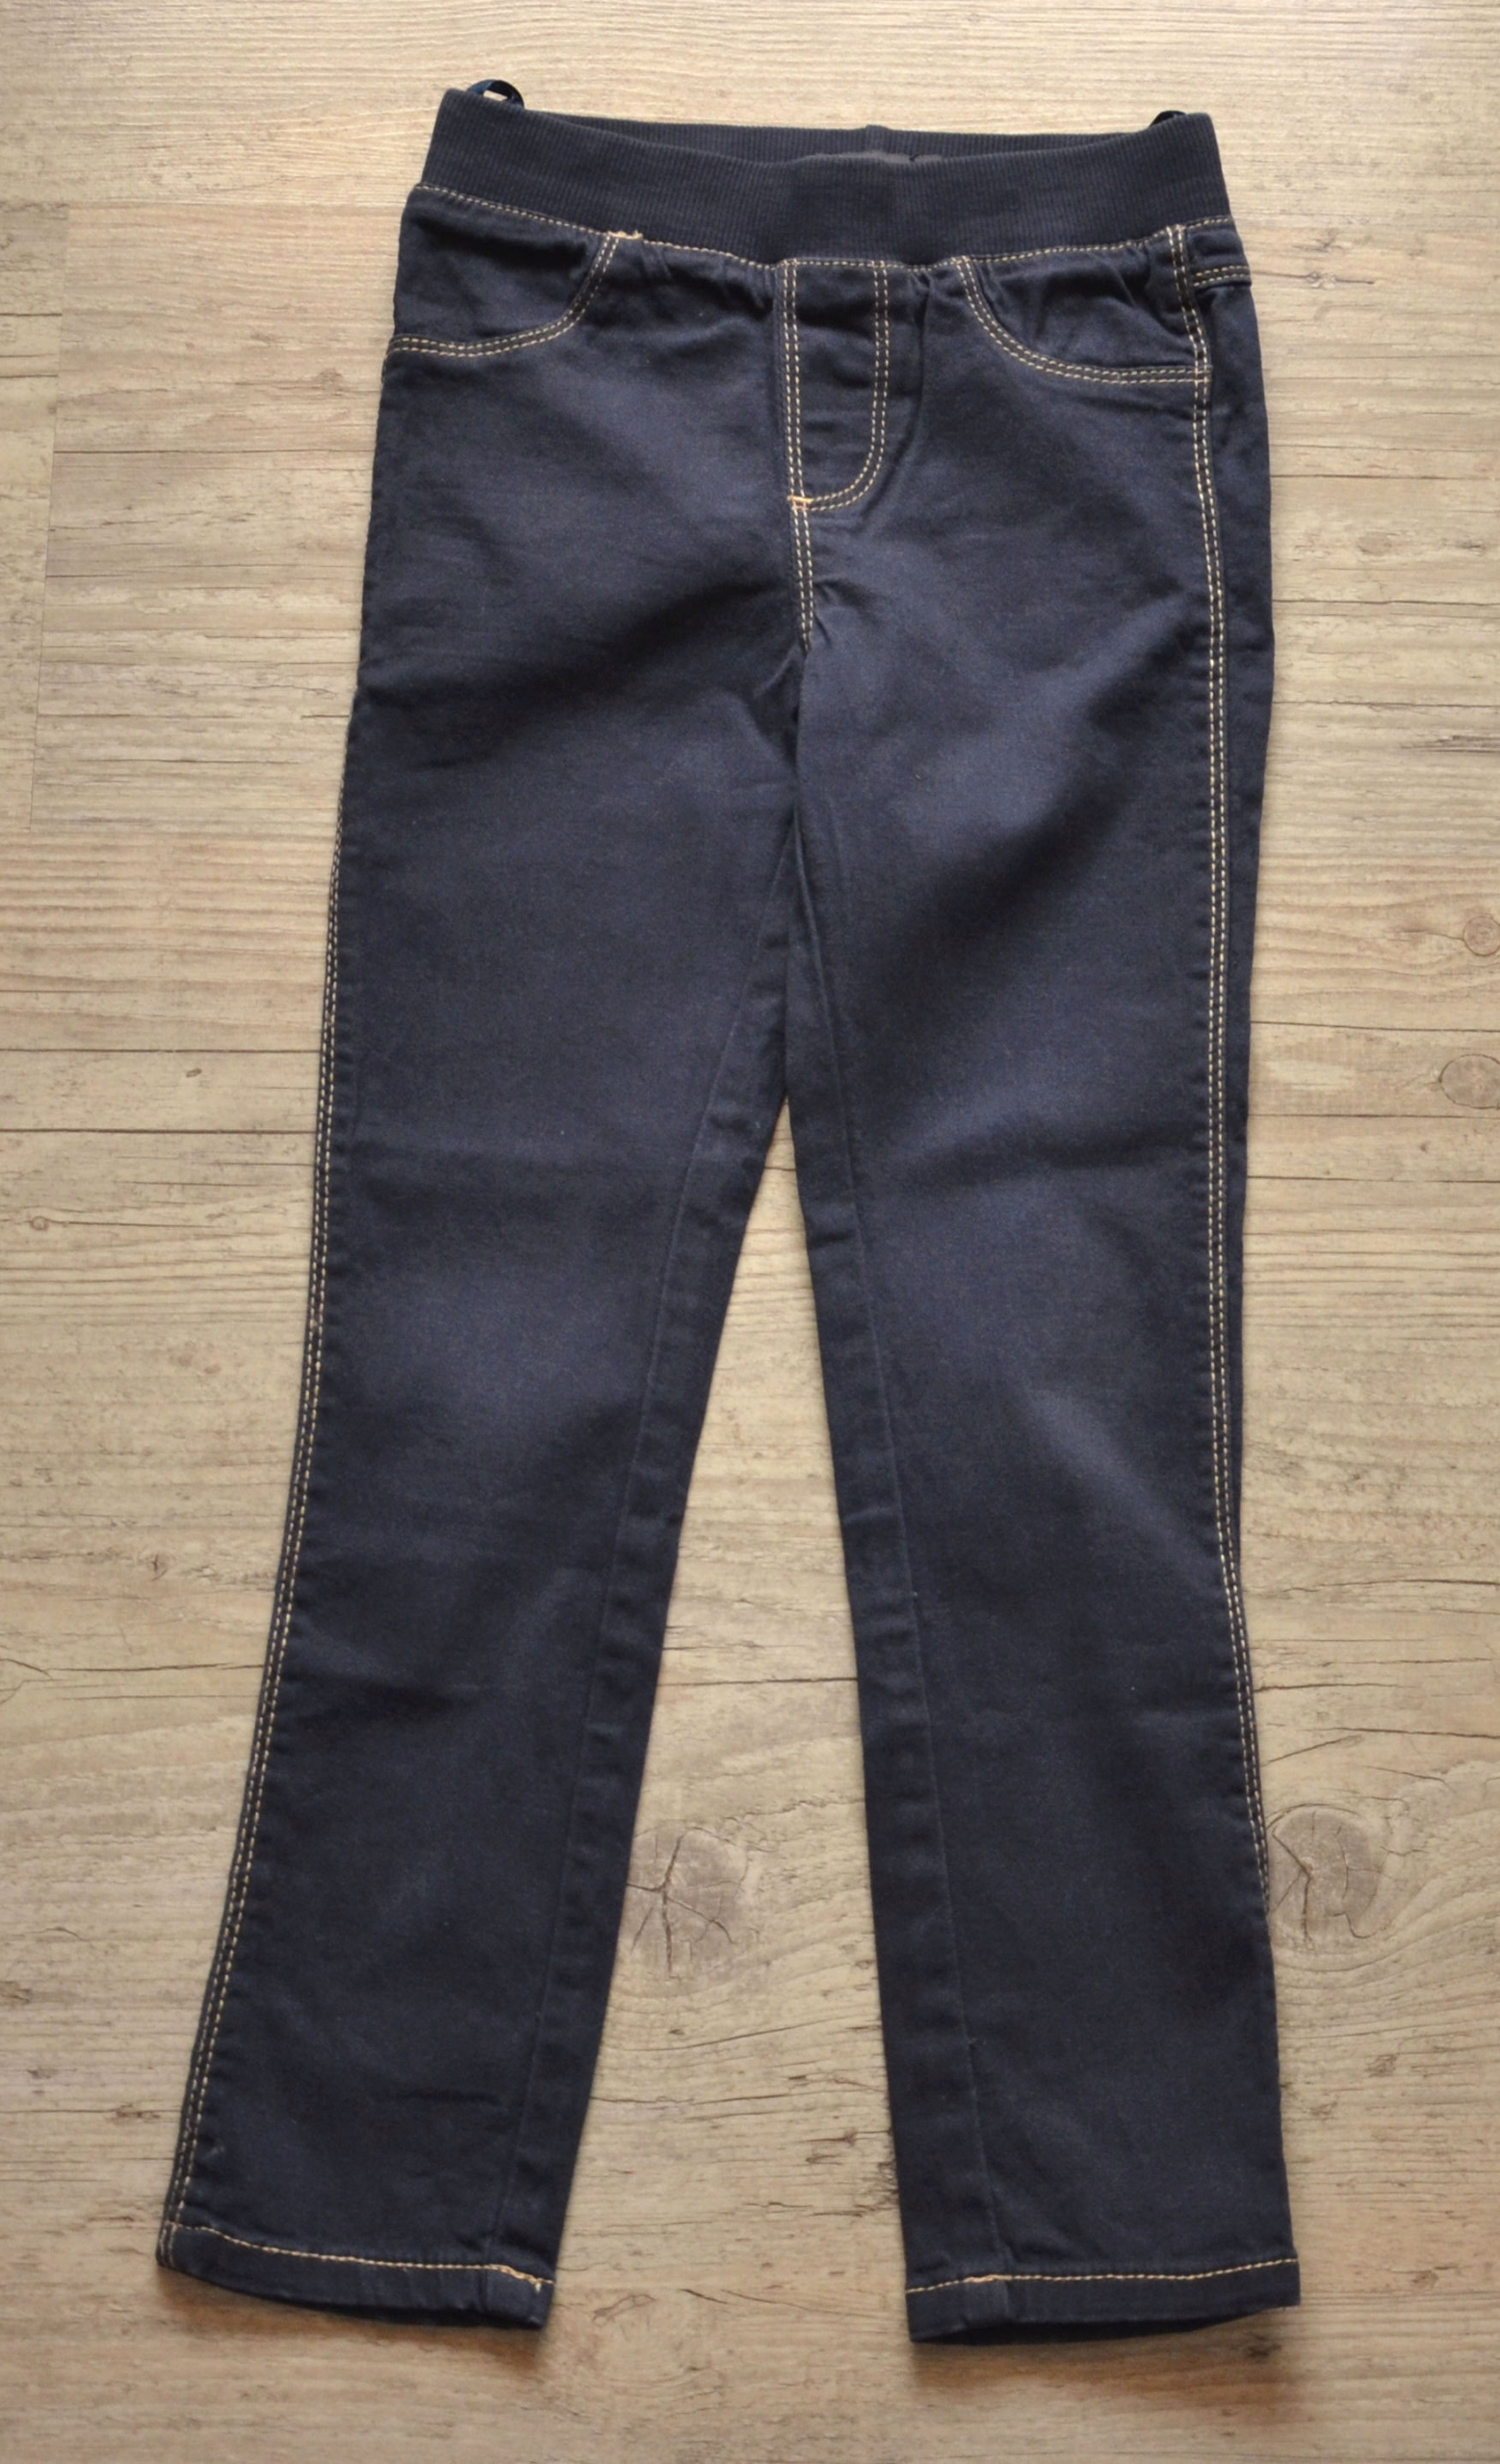 Spodnie rurki - treginsy rozm. 116, 5 lat